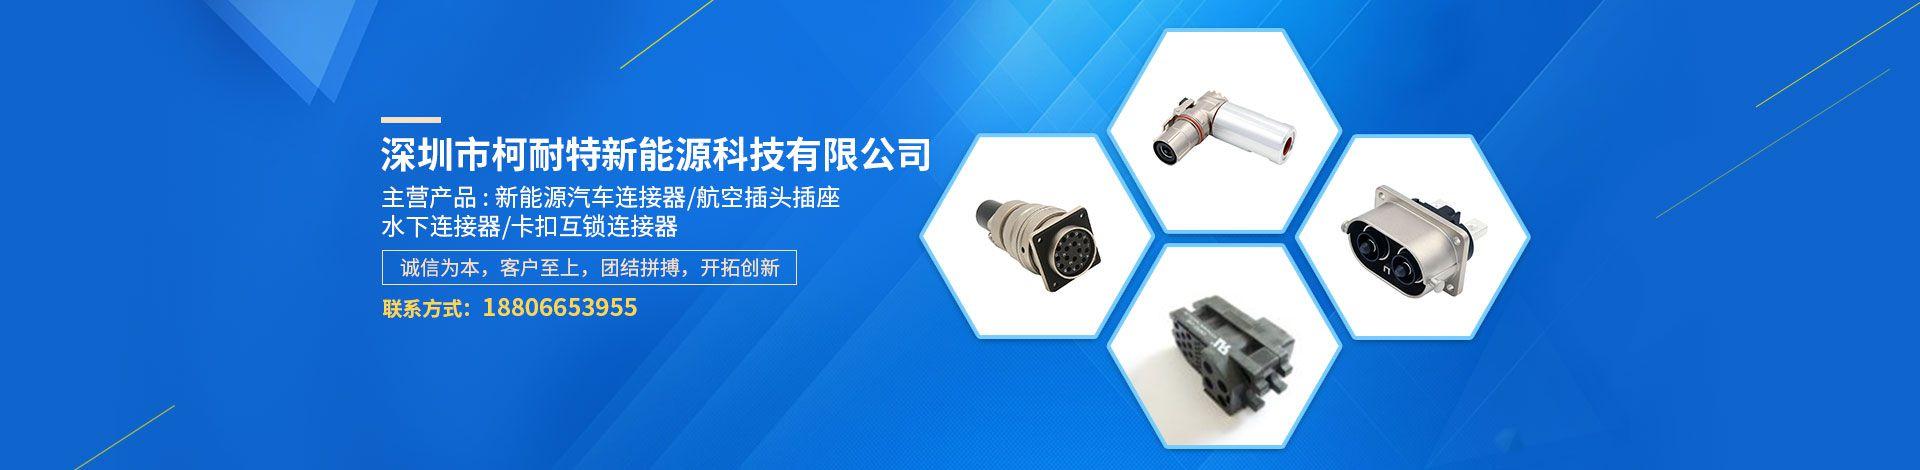 深圳市柯耐特新能源科技有限公司